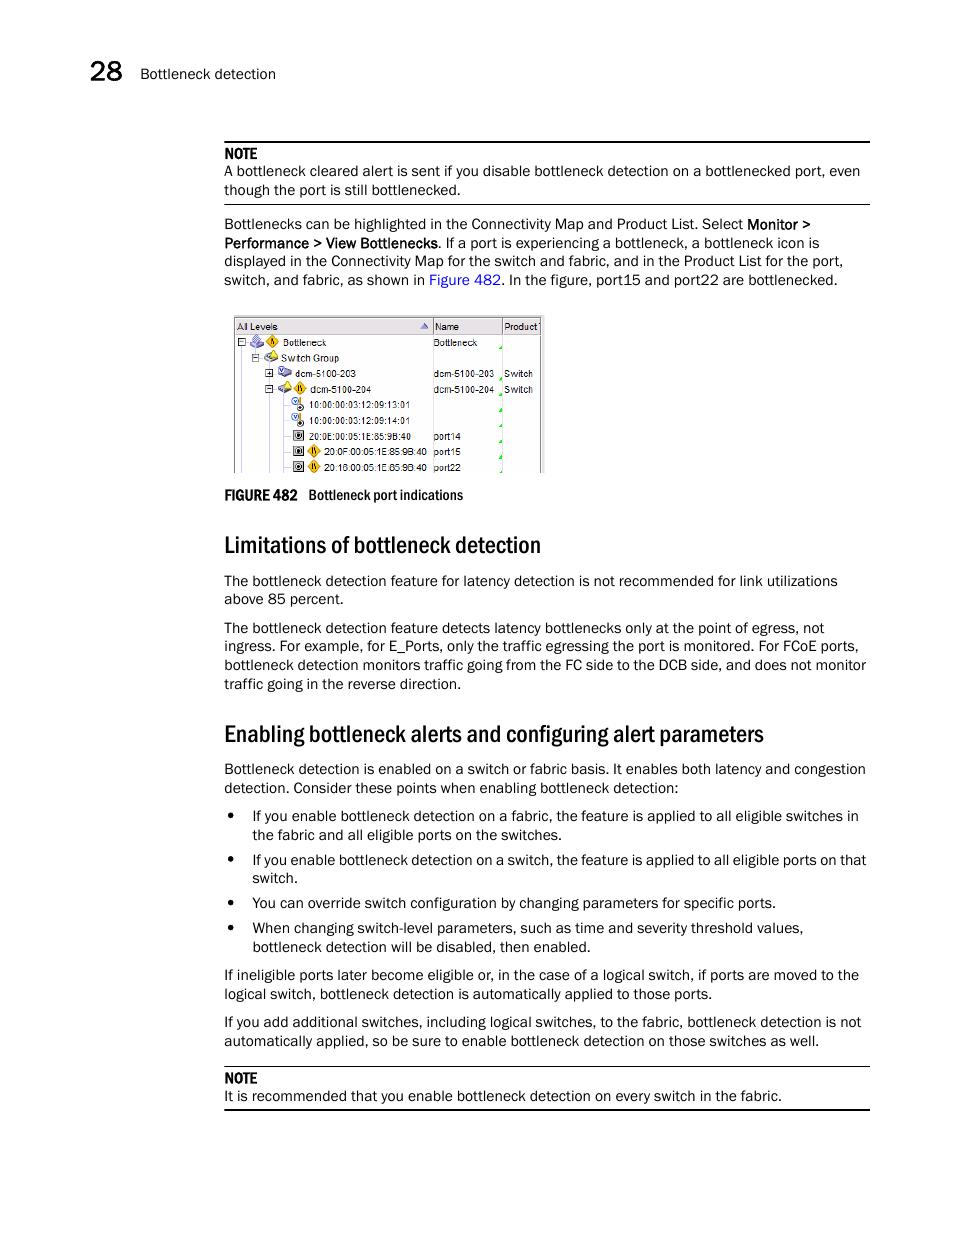 Limitations of bottleneck detection | Brocade Network Advisor SAN User  Manual v12.3.0 User Manual | Page 1154 / 1940